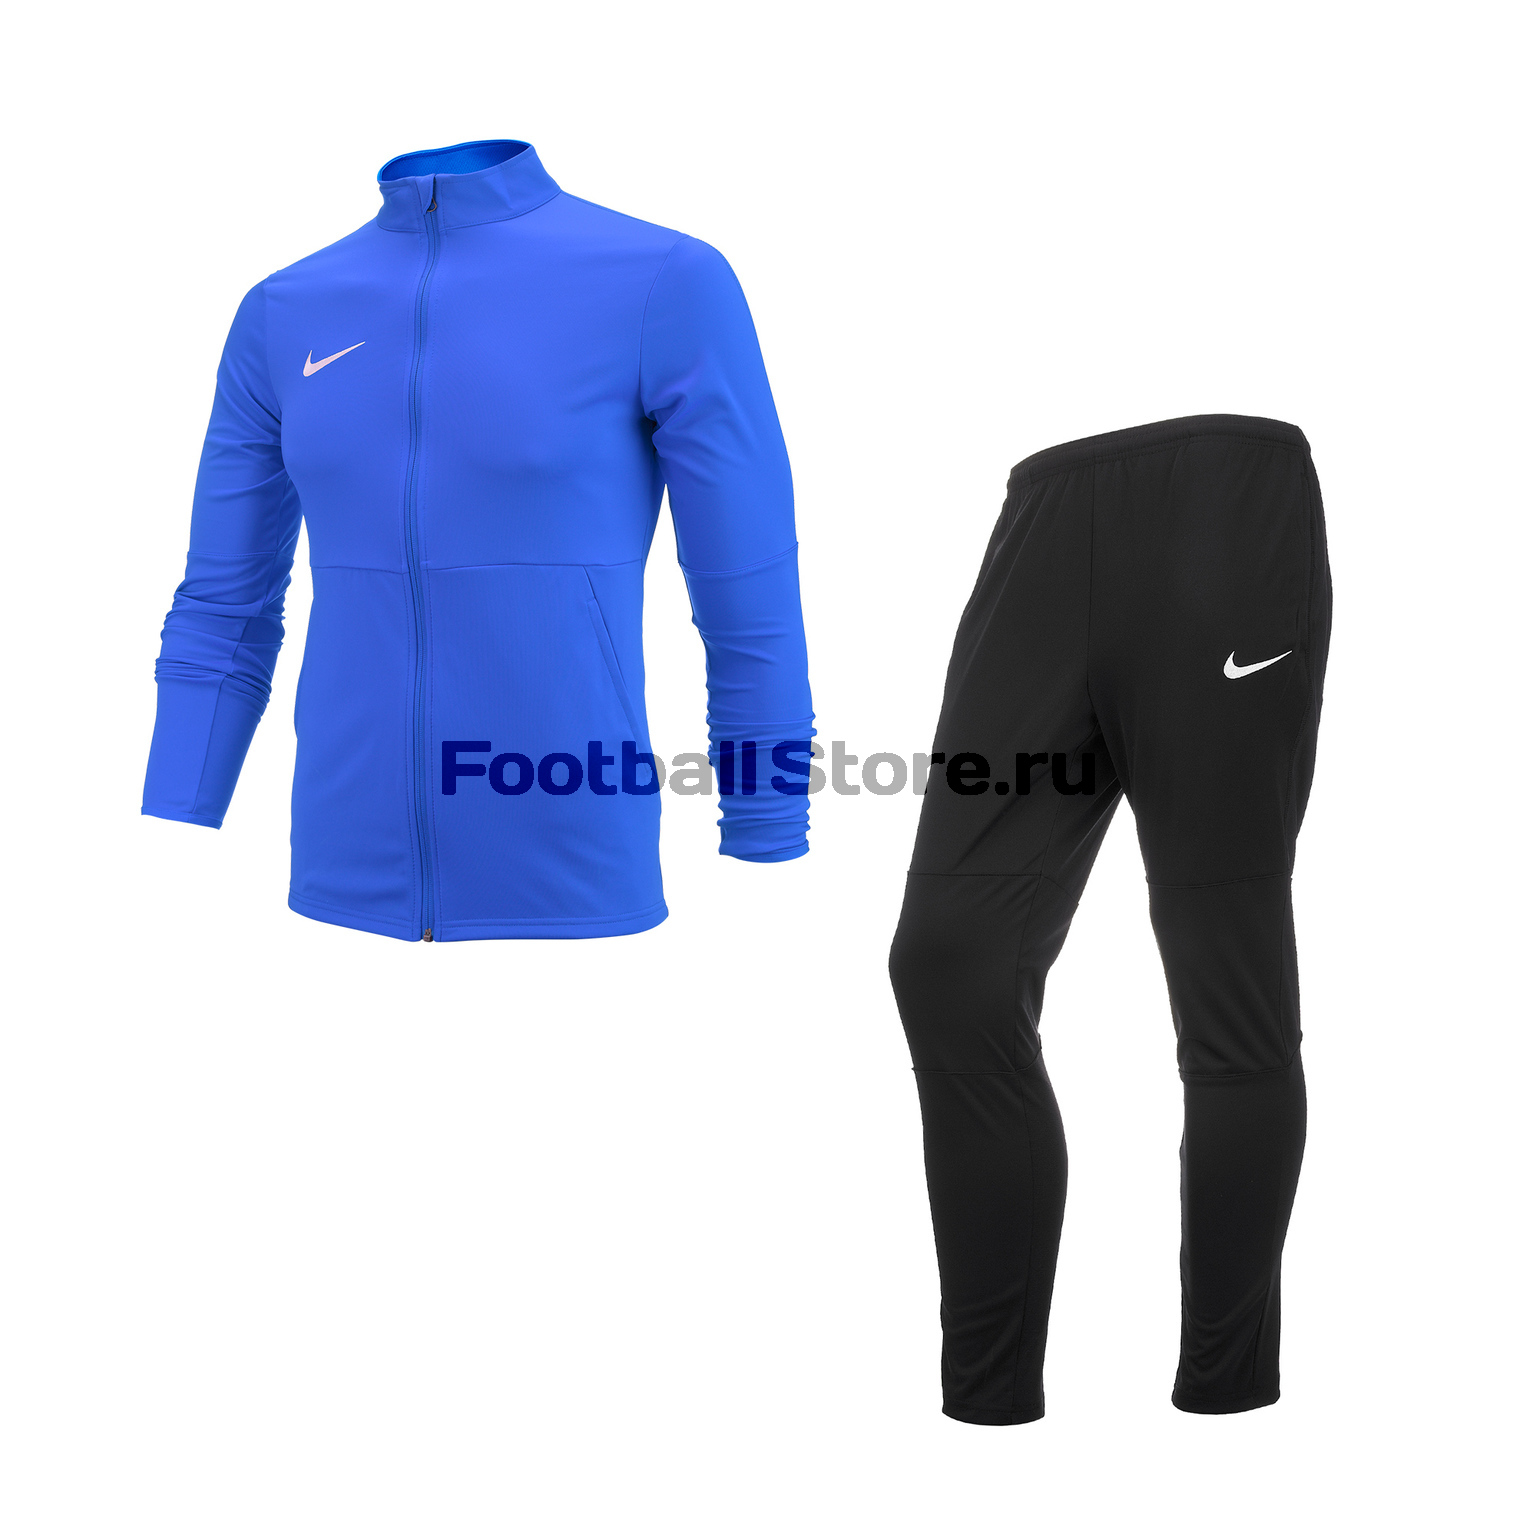 Костюм спортивный Nike Dry Park18 AQ5065-463